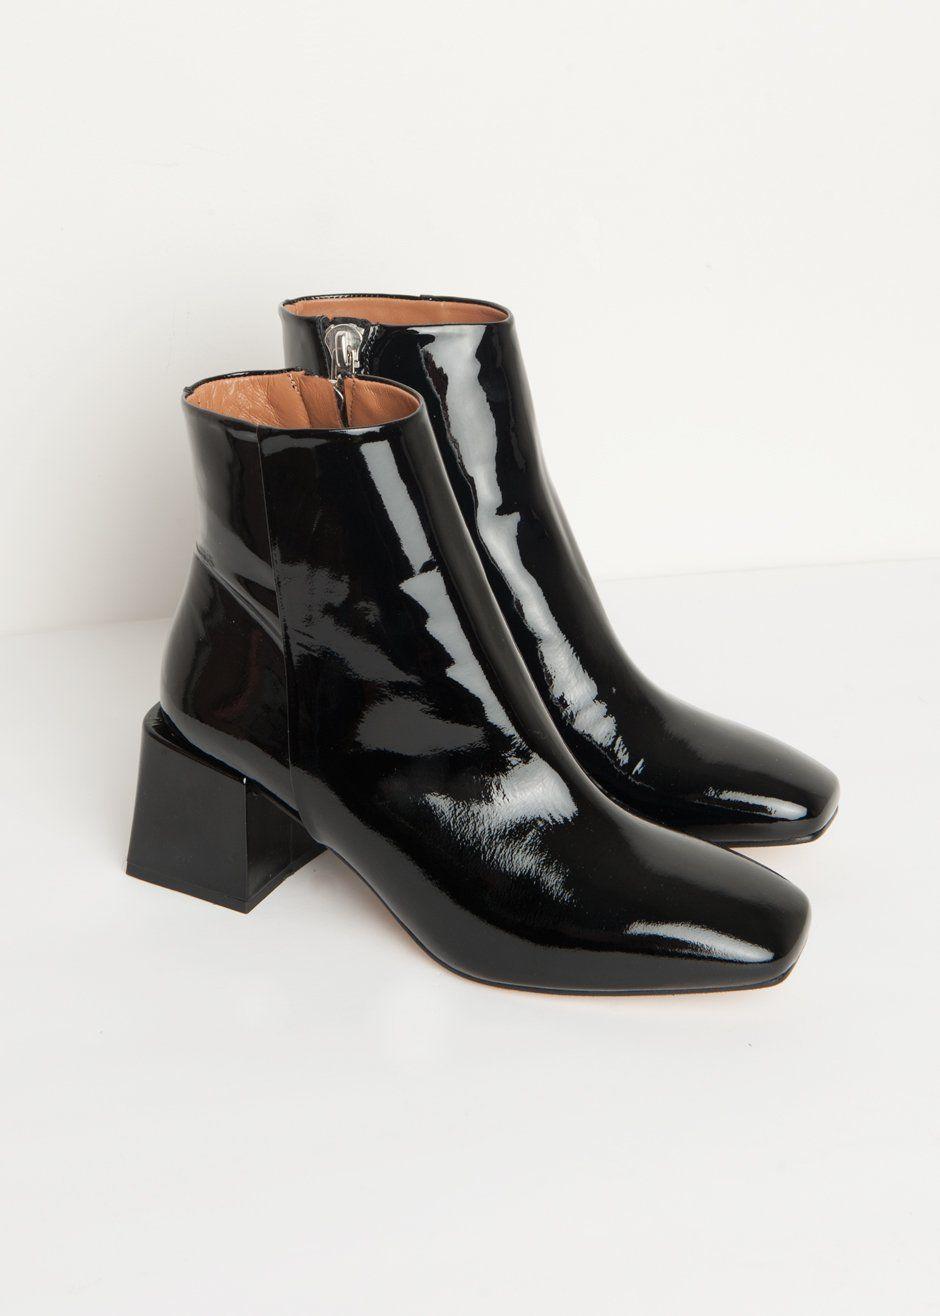 59b0a24ac93f  newarrivals  LOQ  lazaro  patent  booties  thefrankieshop  frankienyc   frankiegirl Ankle Boots w a Square Toe   Covered Block Heels Inside Metal  Zipper ...